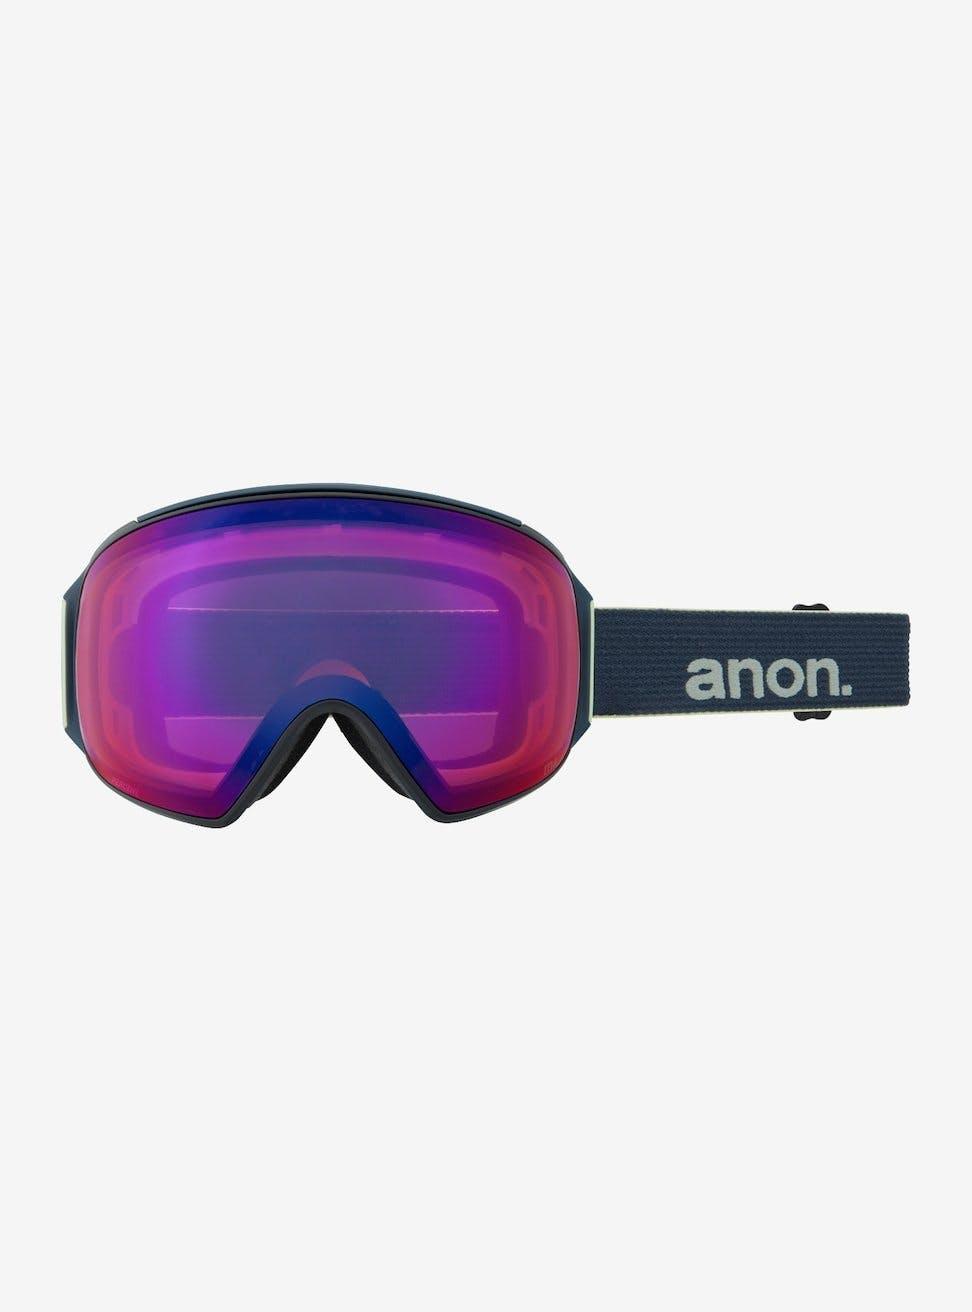 Anon M4 Toric MFI Goggles · 2021